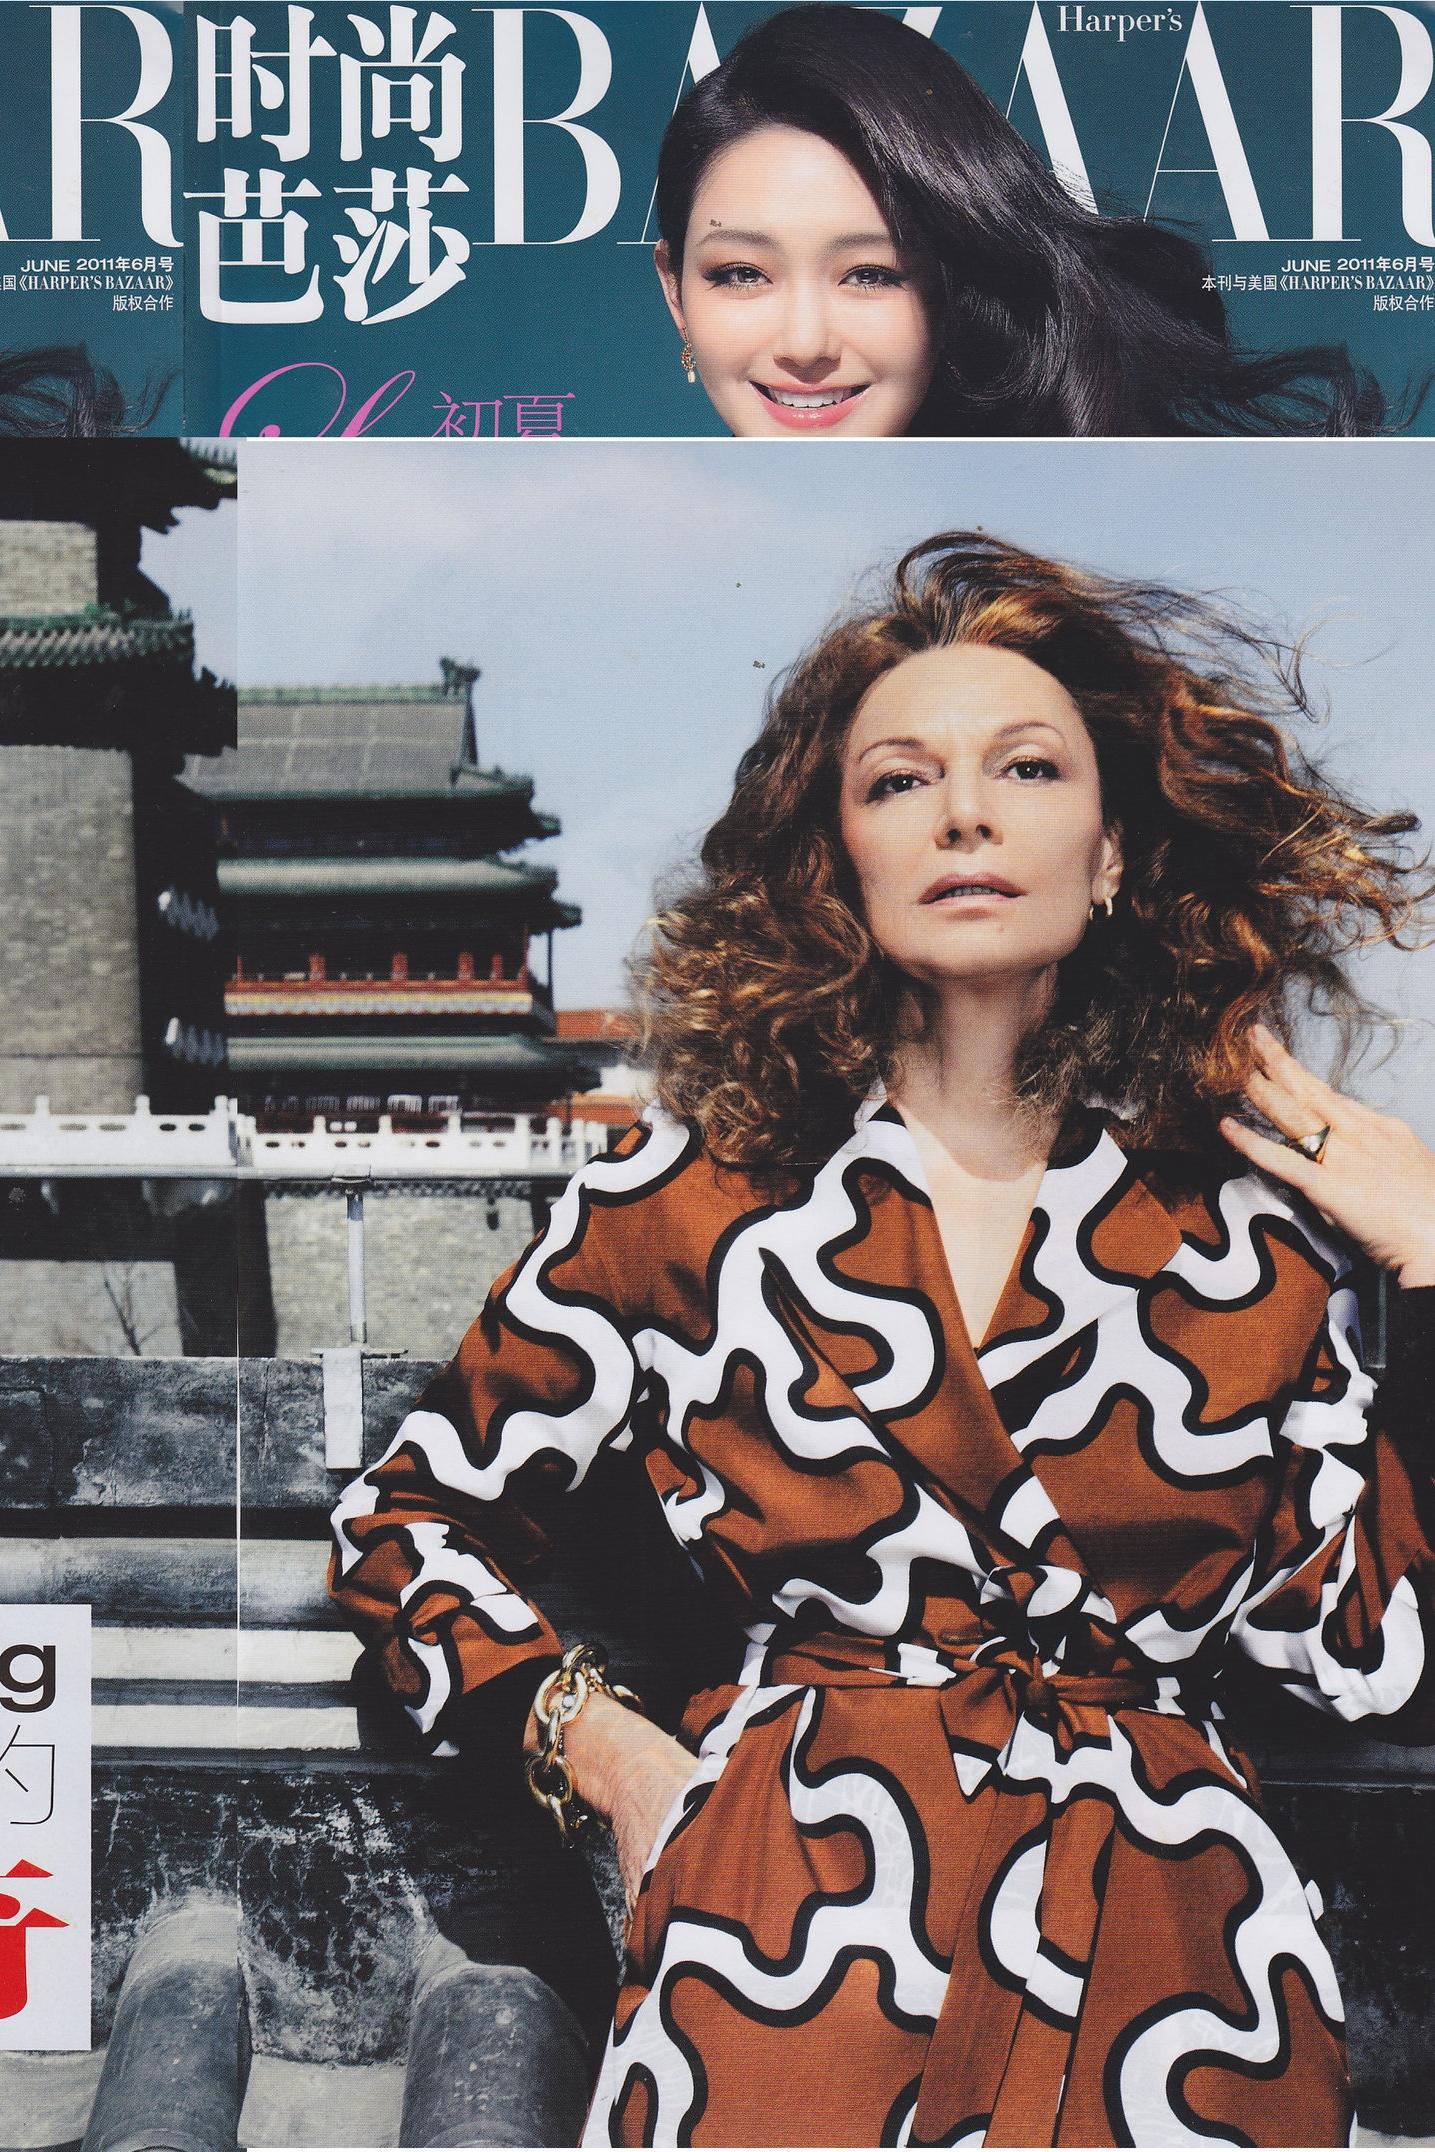 Harper's Bazaar, China